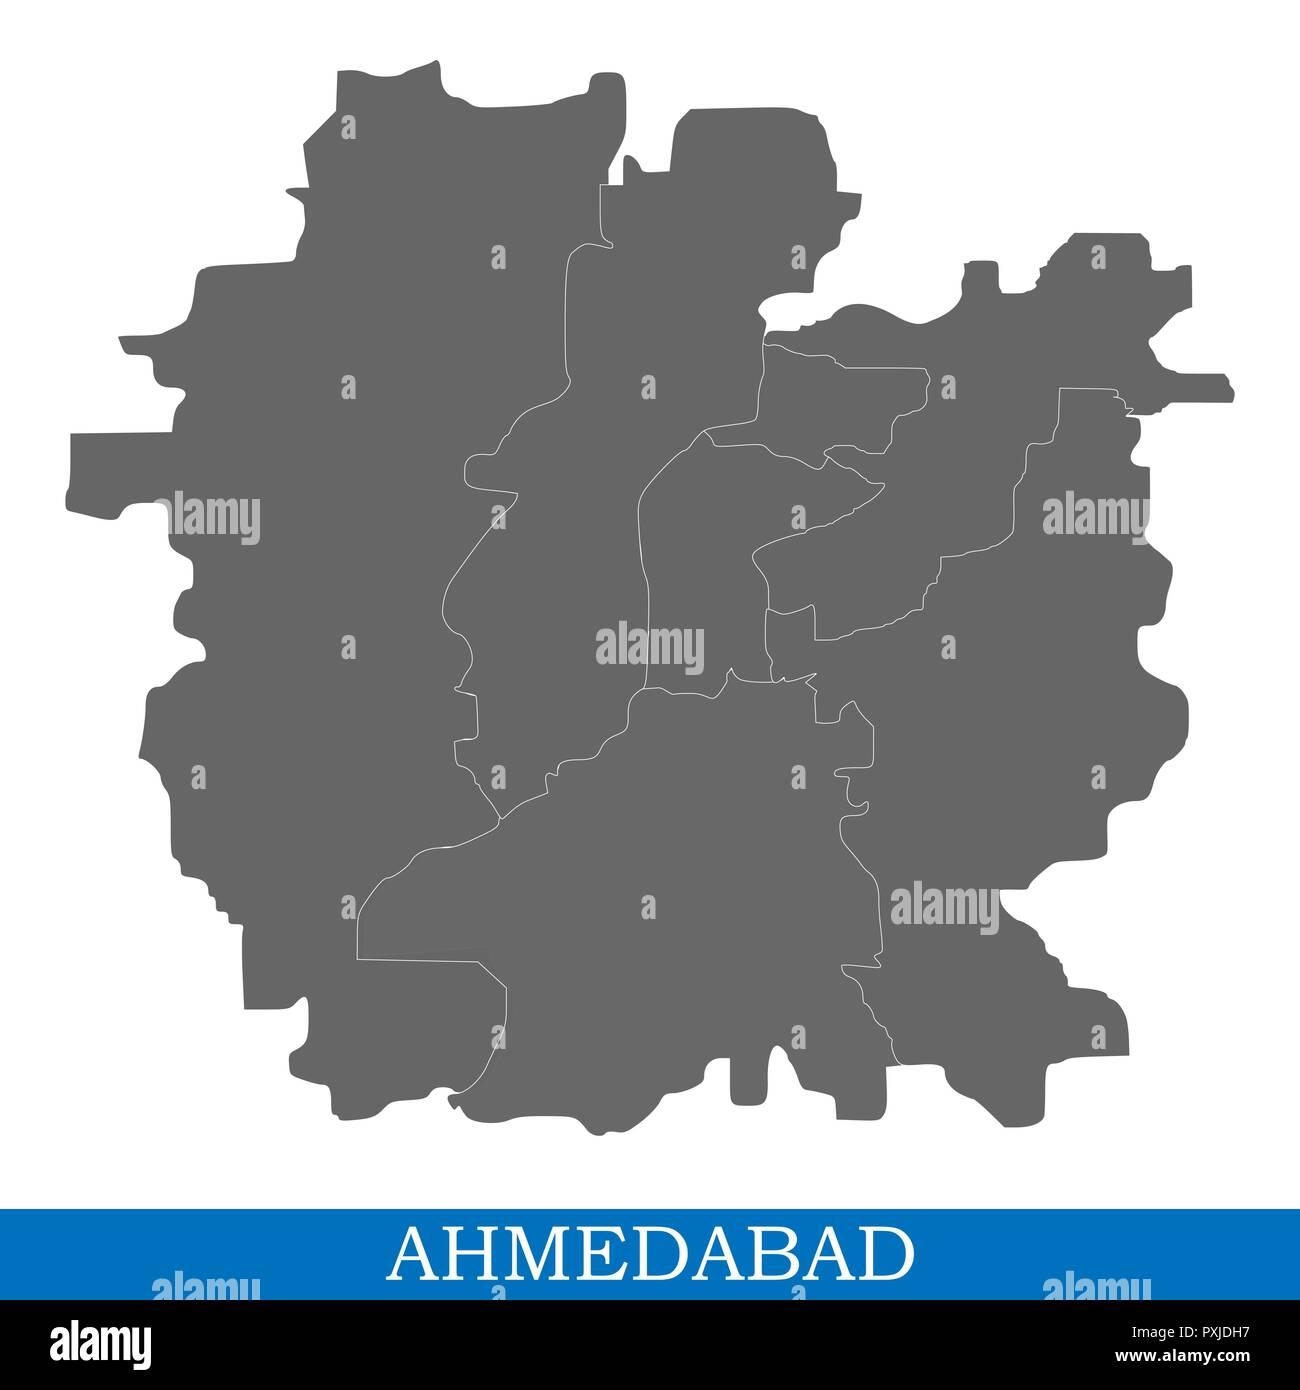 Carte Inde Ahmedabad.Carte De Haute Qualite D Ahmedabad Est Une Ville De L Inde